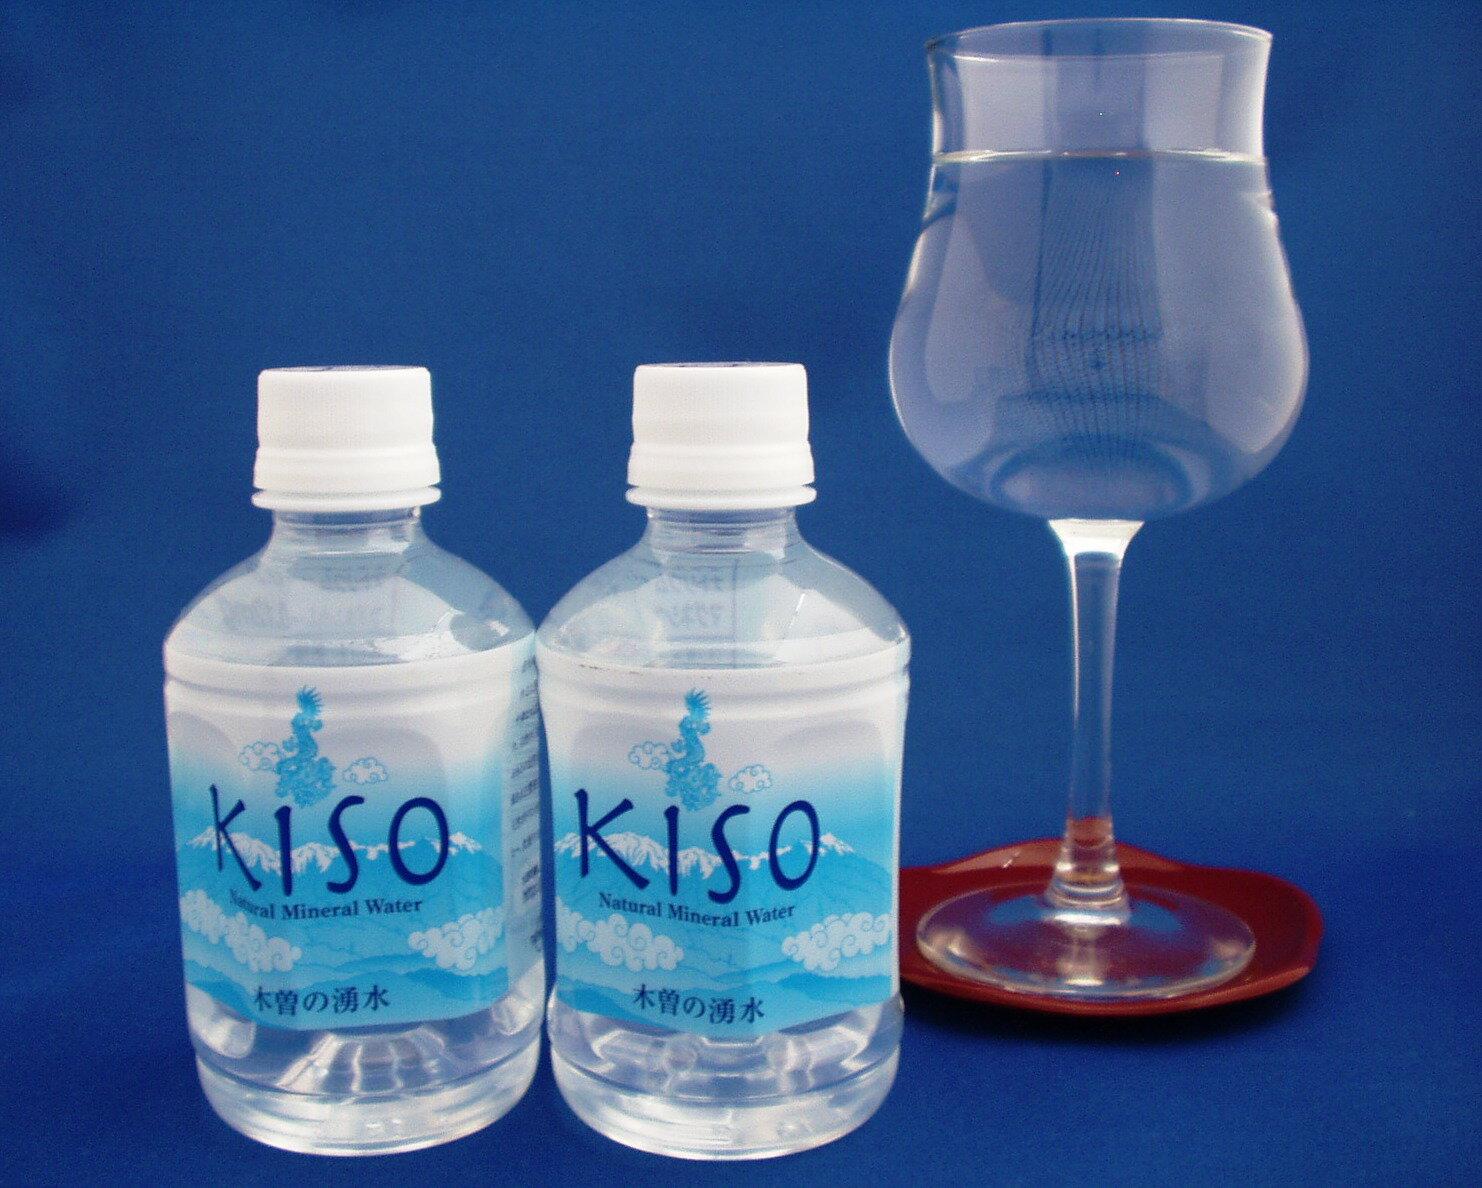 信州木曽湧水「KISO」天然ミネラルウォーター 280mlペットボトル×20本 【長野県産 水源水 軟水 ミネラルウォーター 送料無料】 02P03Dec16